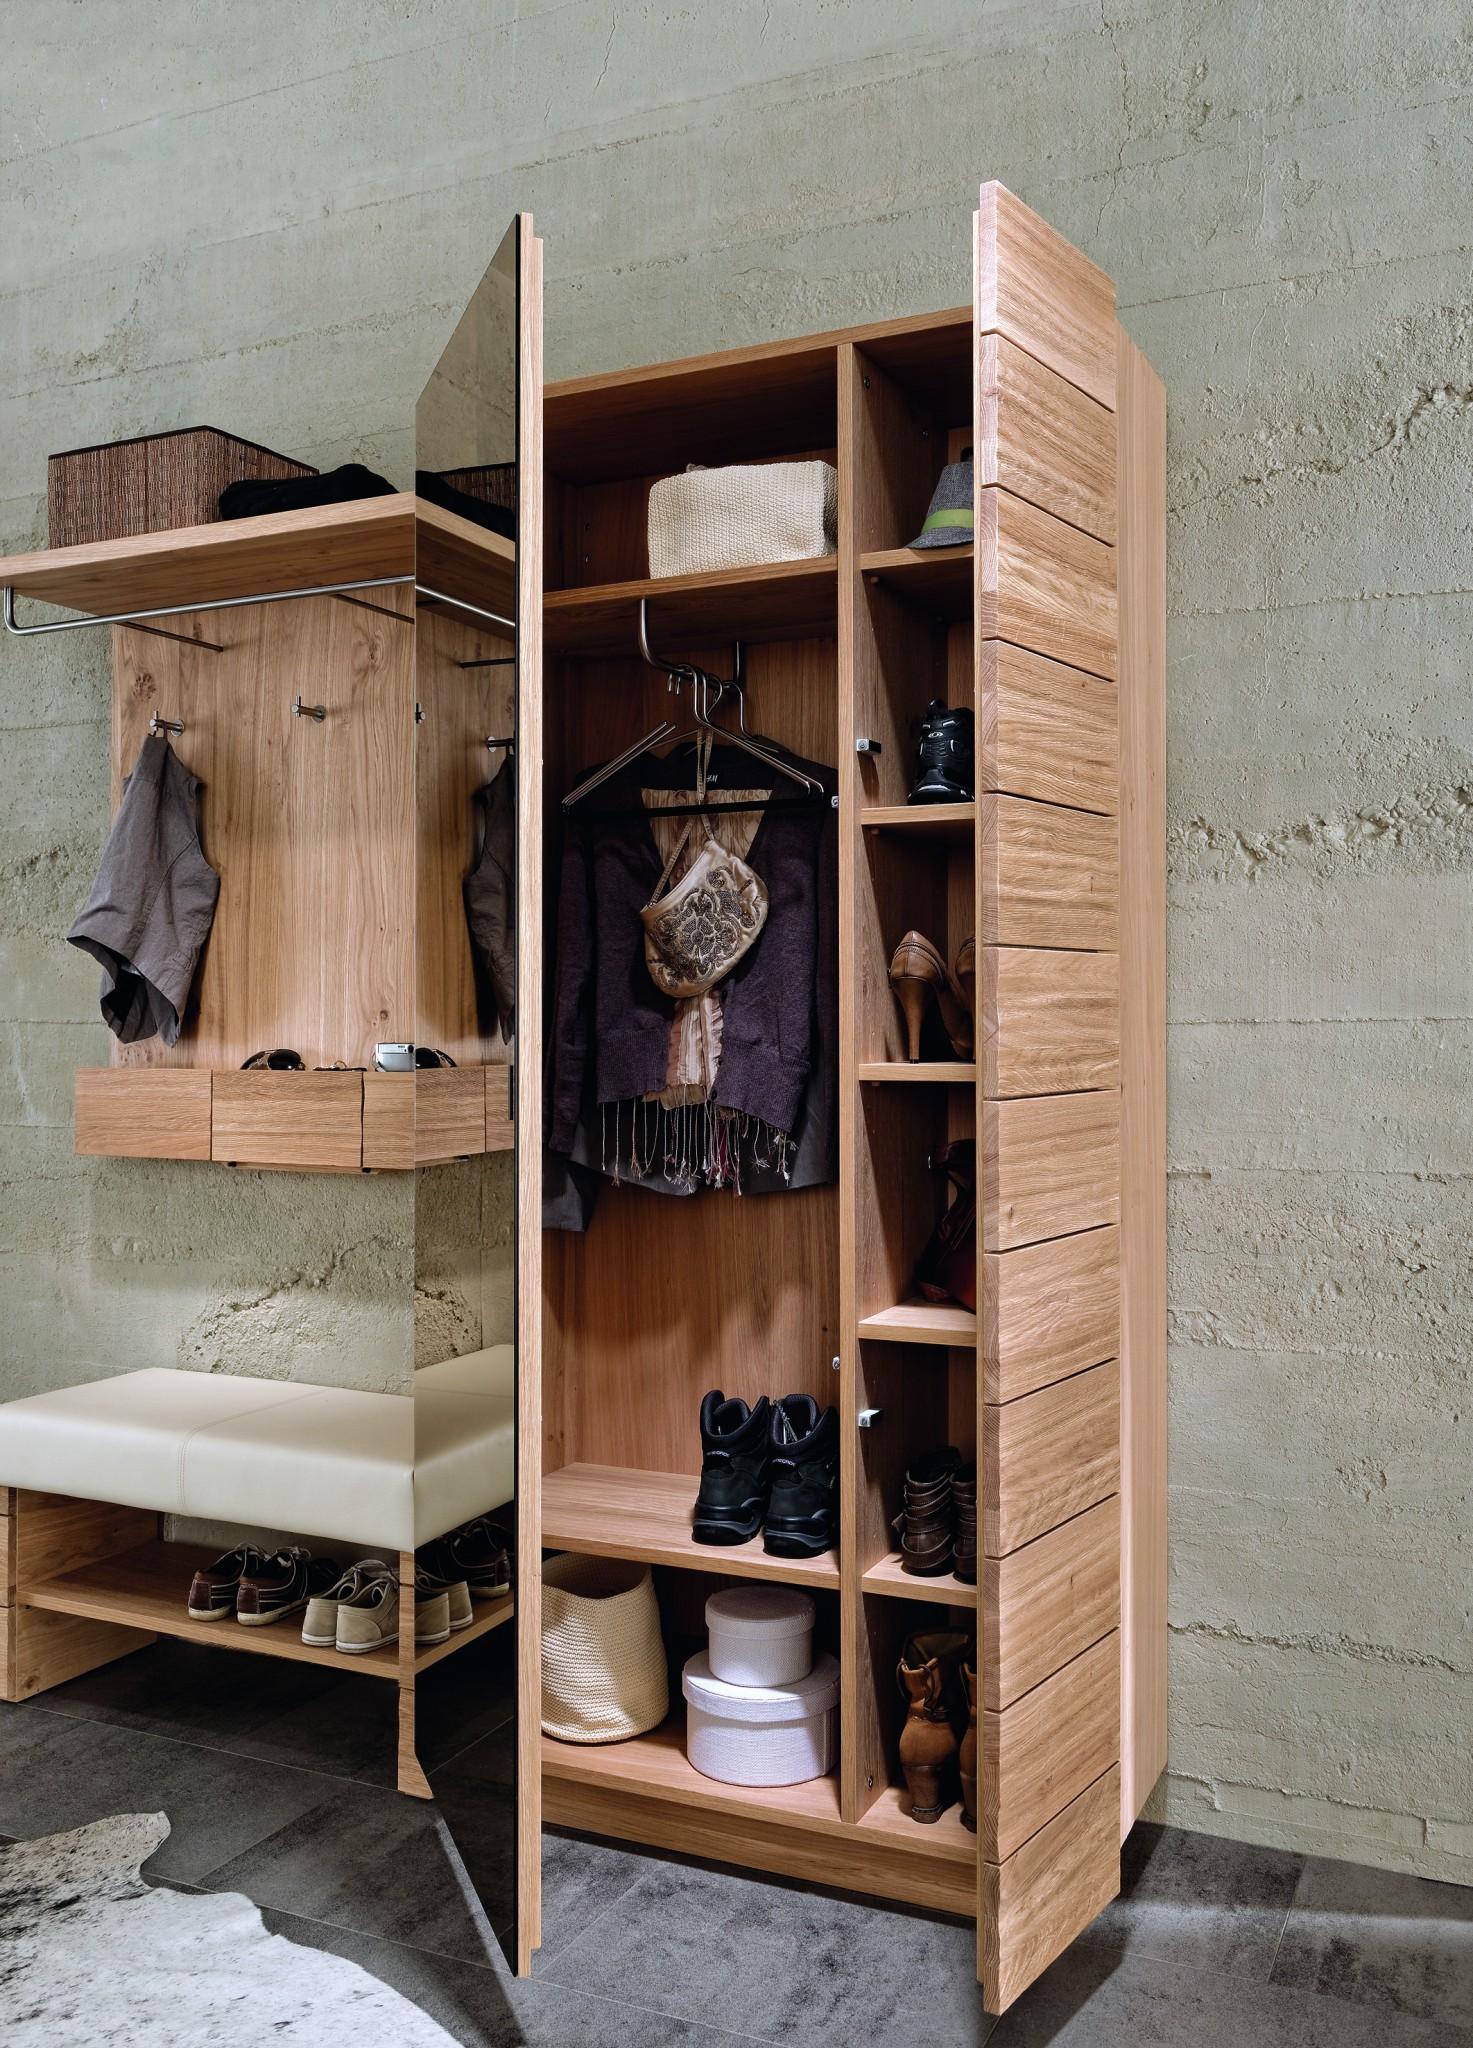 vorzimmer v montana von voglauer in wildeiche vollholz. Black Bedroom Furniture Sets. Home Design Ideas